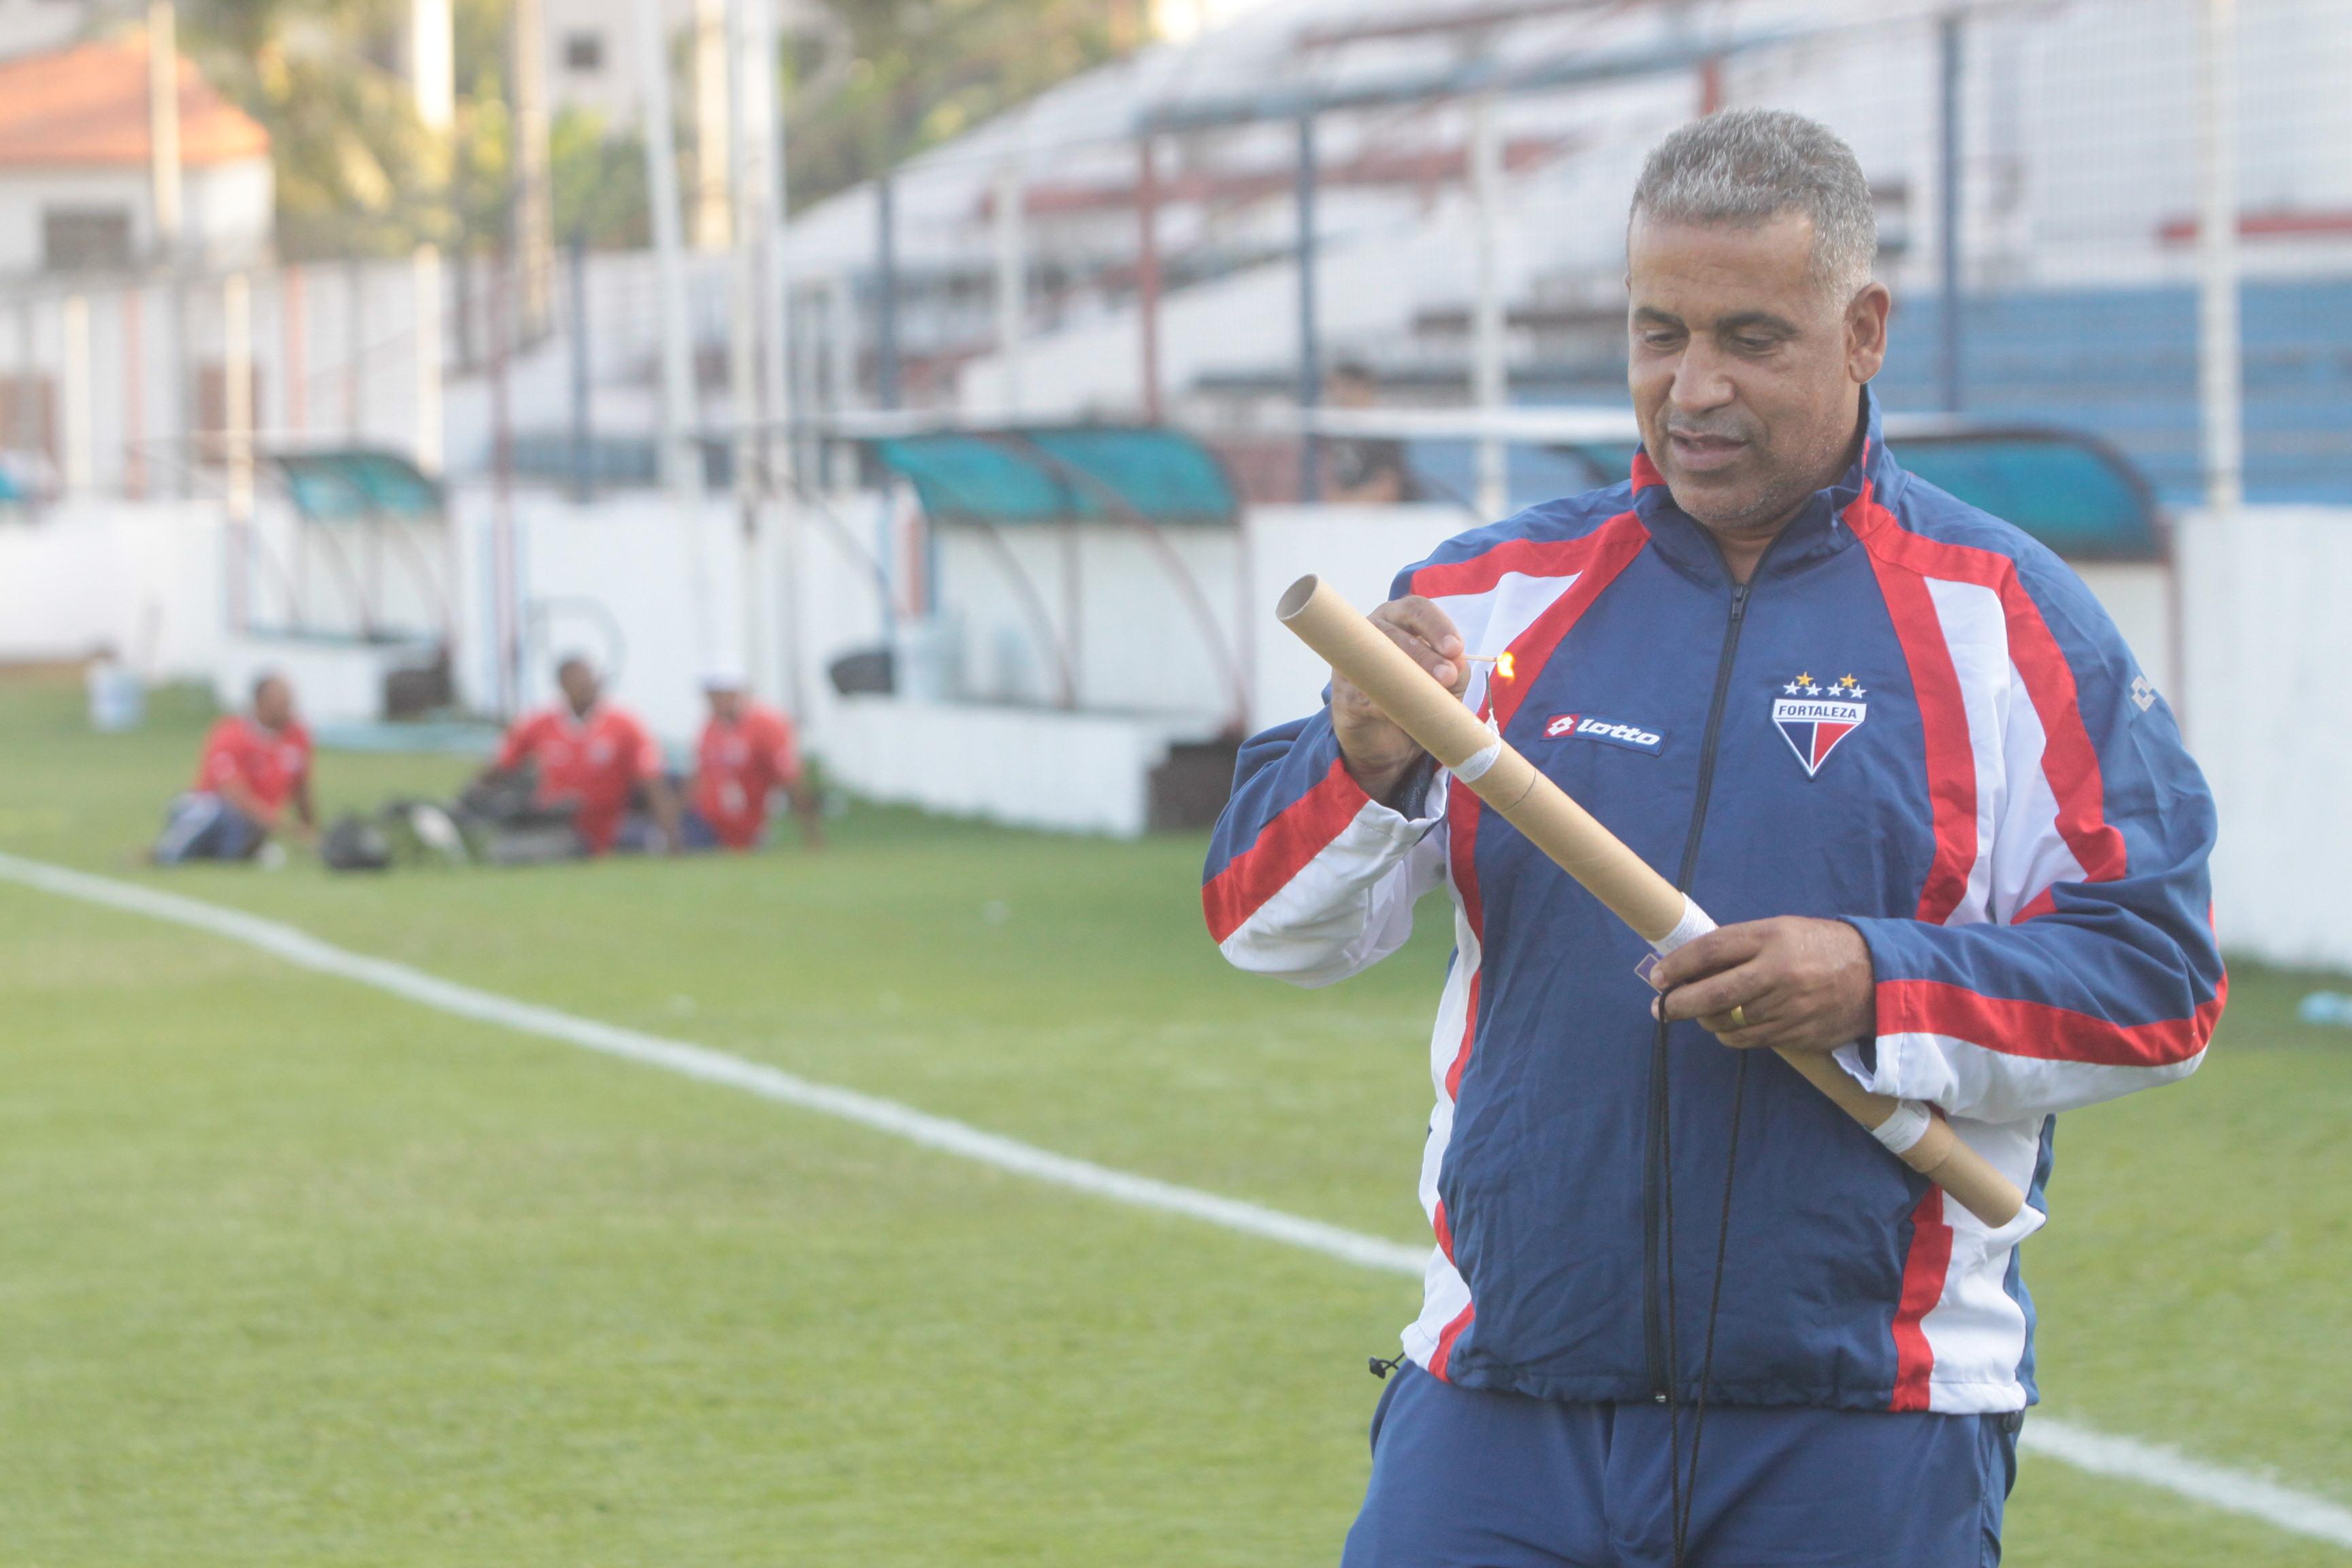 Técnico Ademir Fonseca com agasalho do Fortaleza e ascendendo um rojão